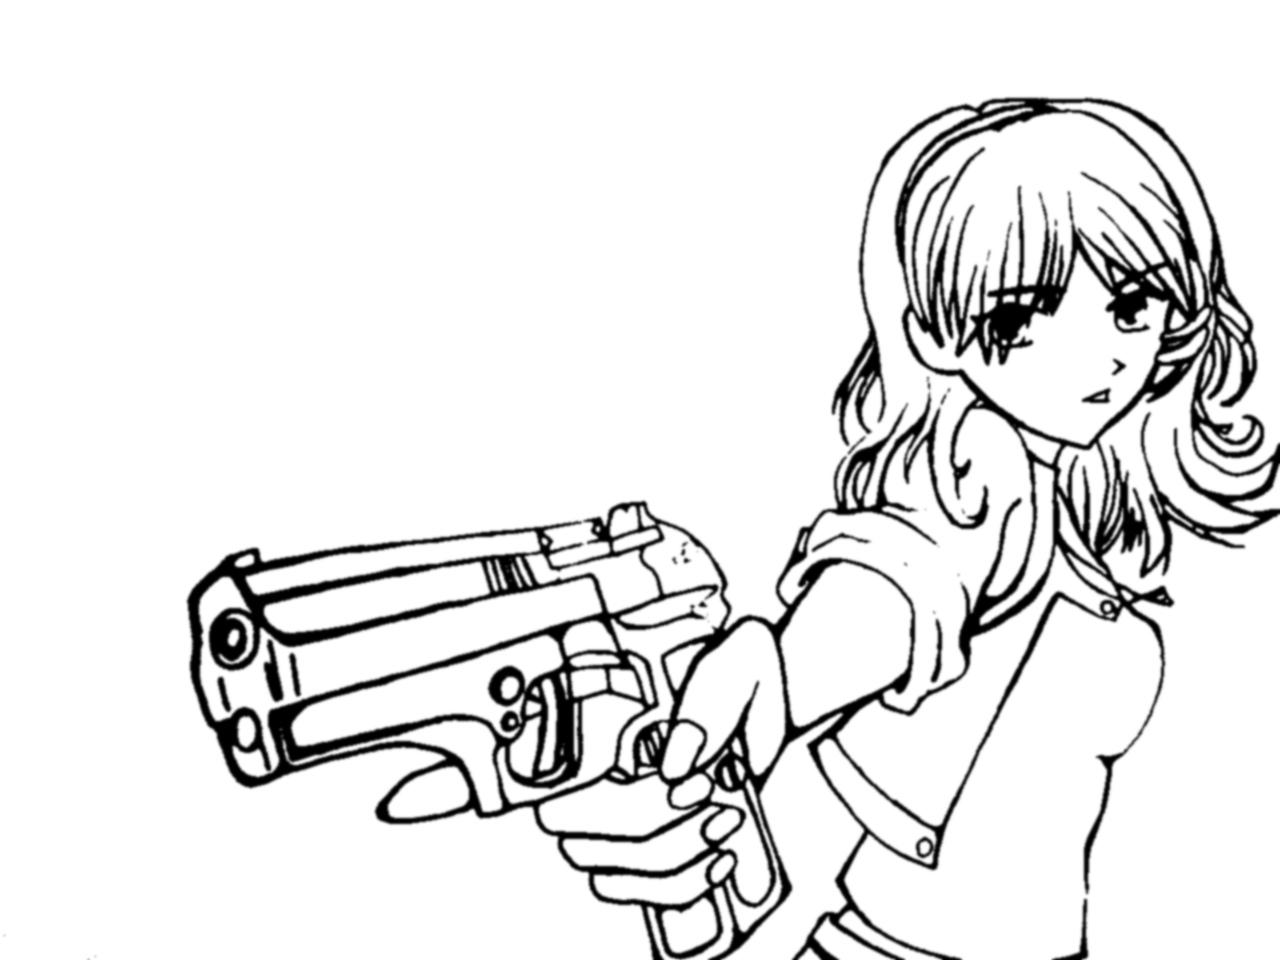 Line Art Gun : Girl with gun line art by justmikki on deviantart